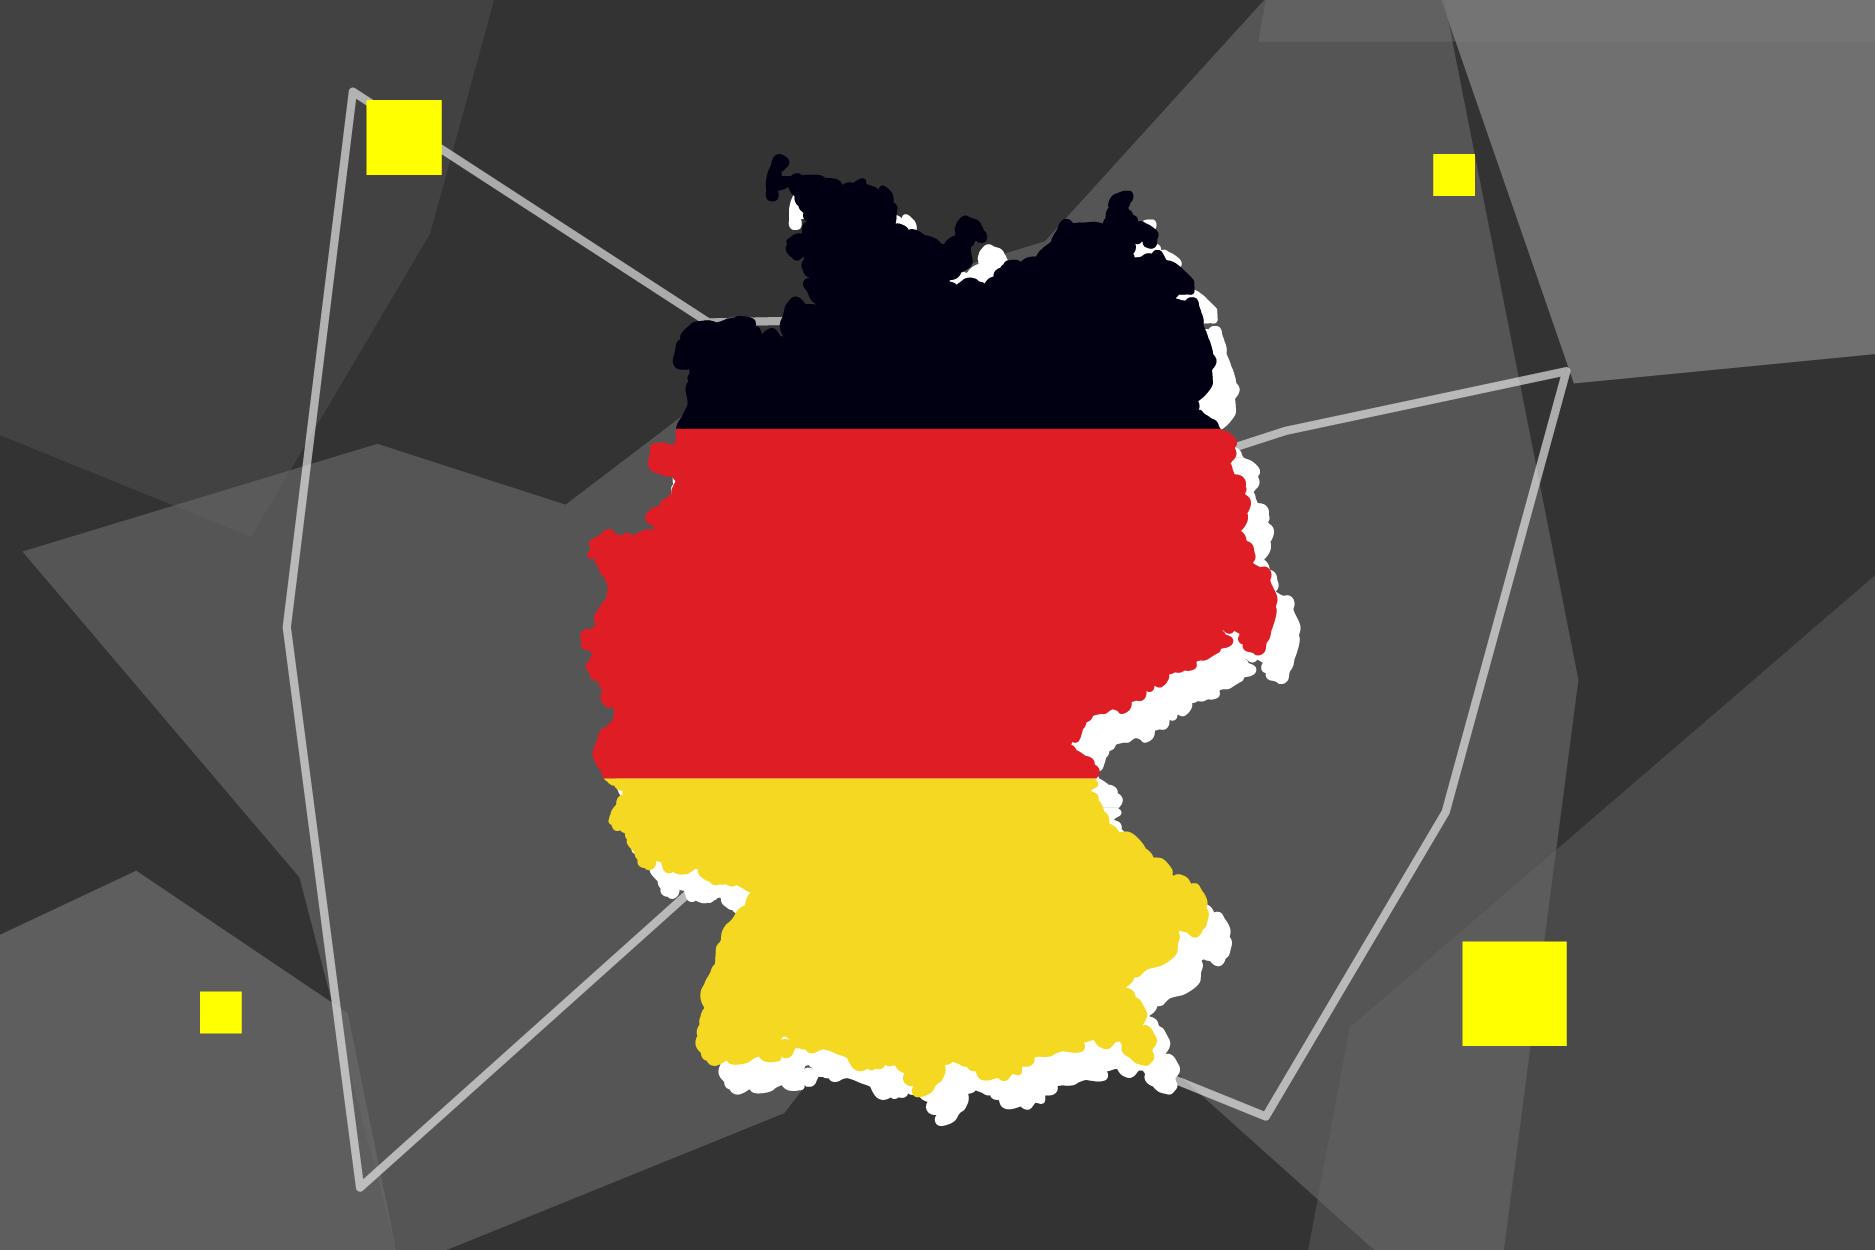 1339458. Класс немецкого языка «Sprichst Du Deutsch?» (с нуля)